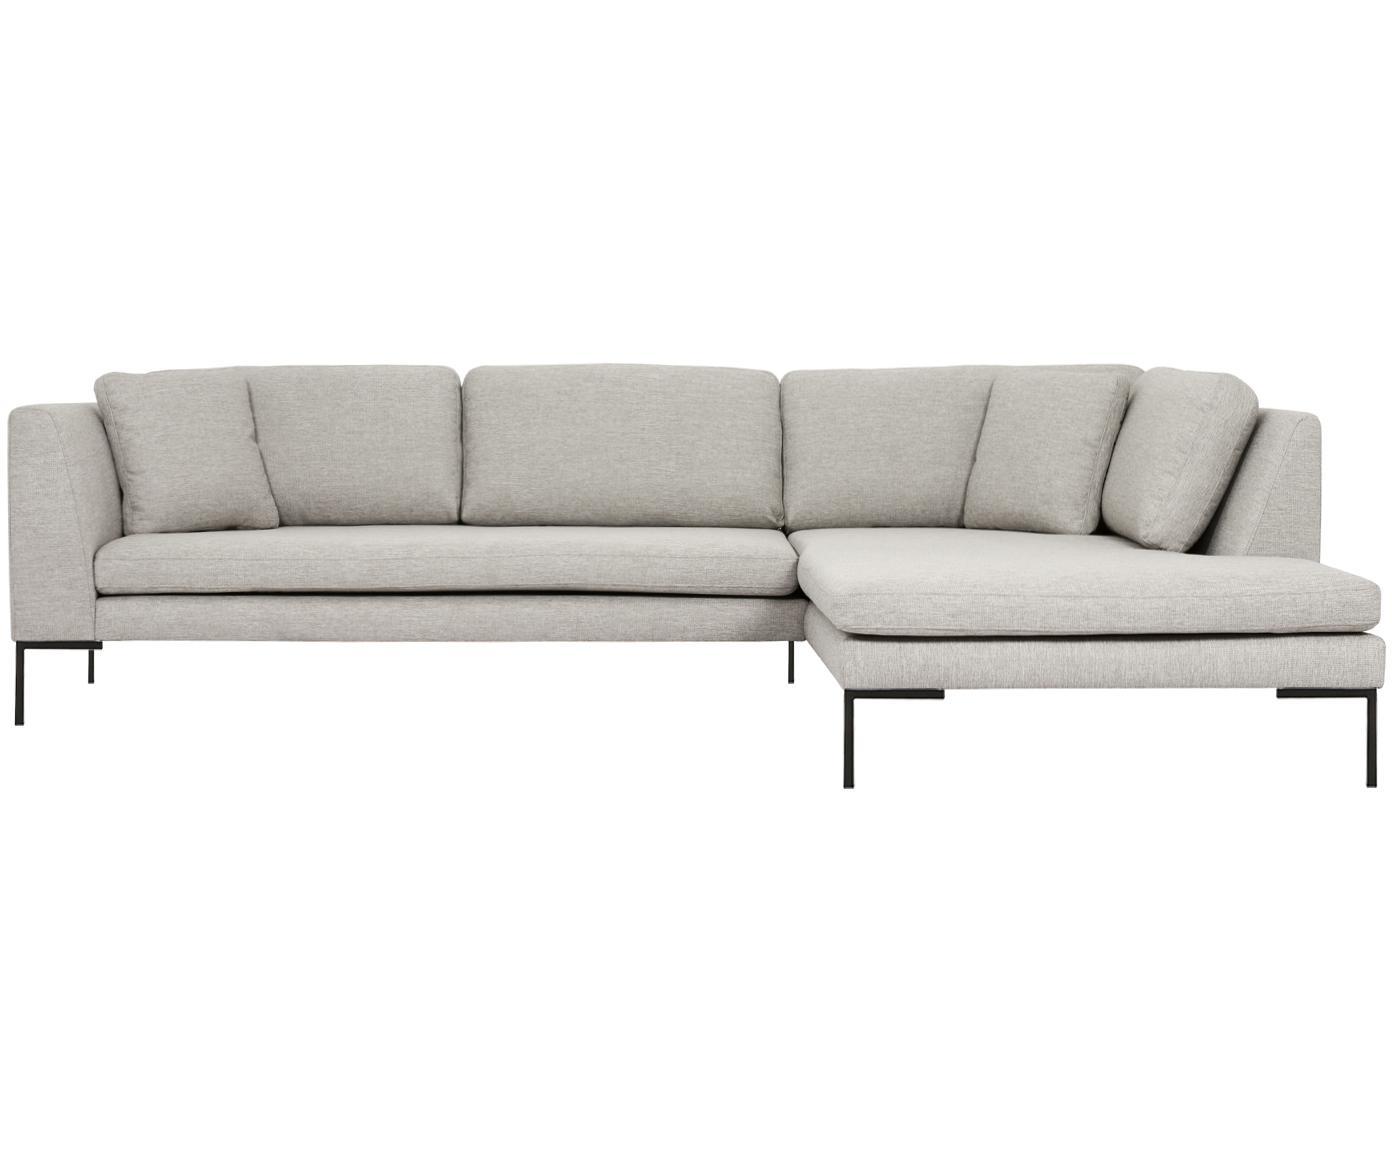 Hoekbank Emma, Bekleding: polyester, Frame: massief grenenhout, Poten: gepoedercoat metaal, Beige, B 302 x D 220 cm